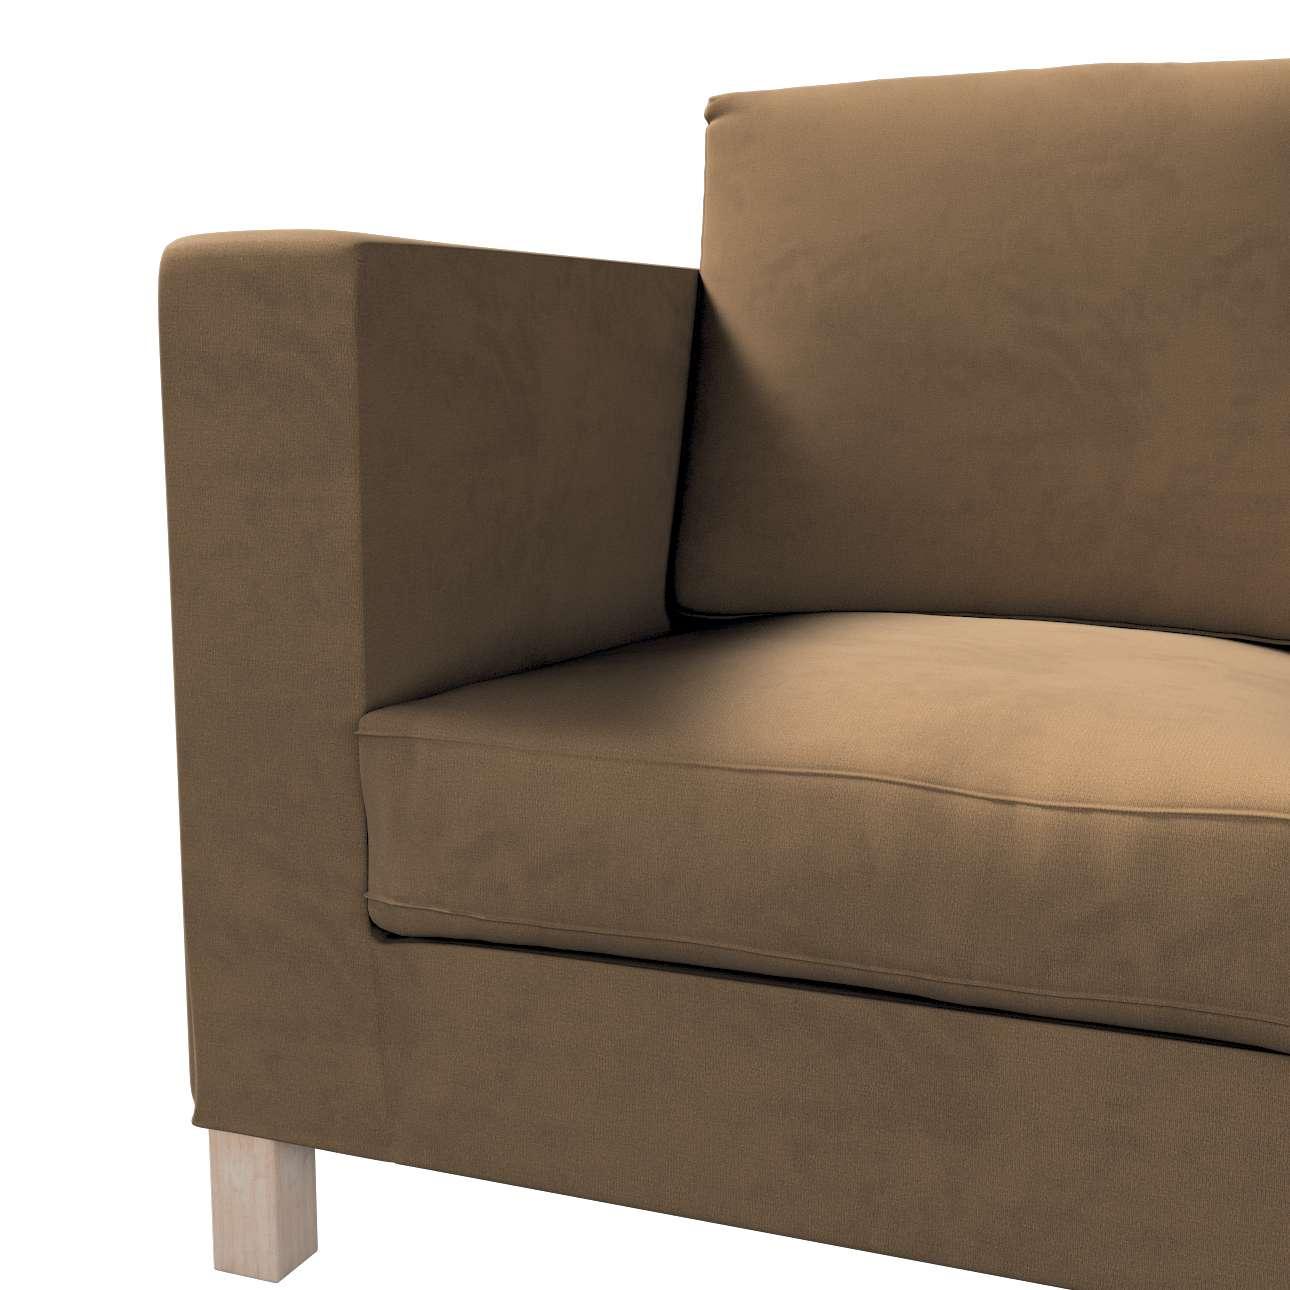 Bezug für Karlanda 3-Sitzer Sofa nicht ausklappbar, kurz von der Kollektion Living II, Stoff: 160-94